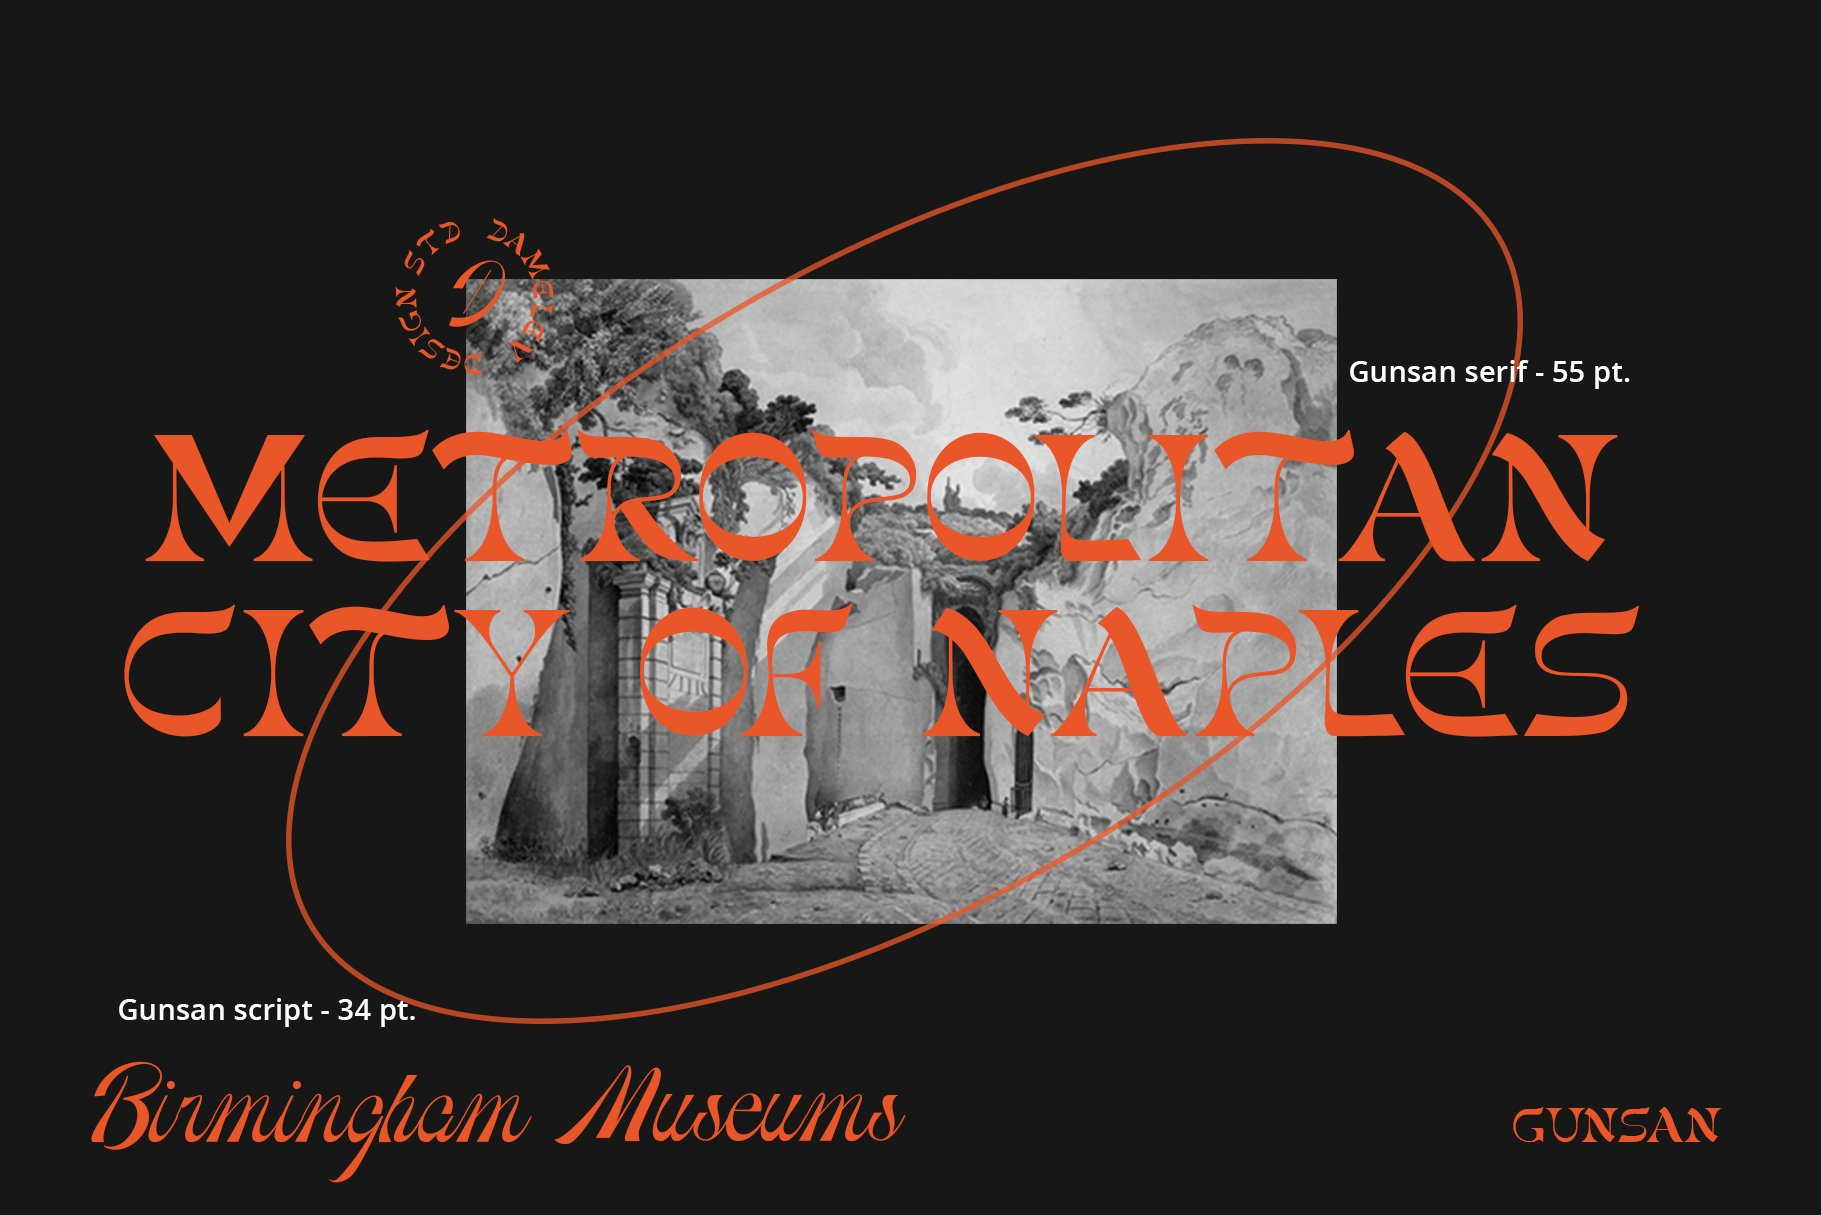 [单独购买] 潮流复古酸性艺术海报杂志Logo标题英文字体设计素材 Gunsan Font Duo插图3